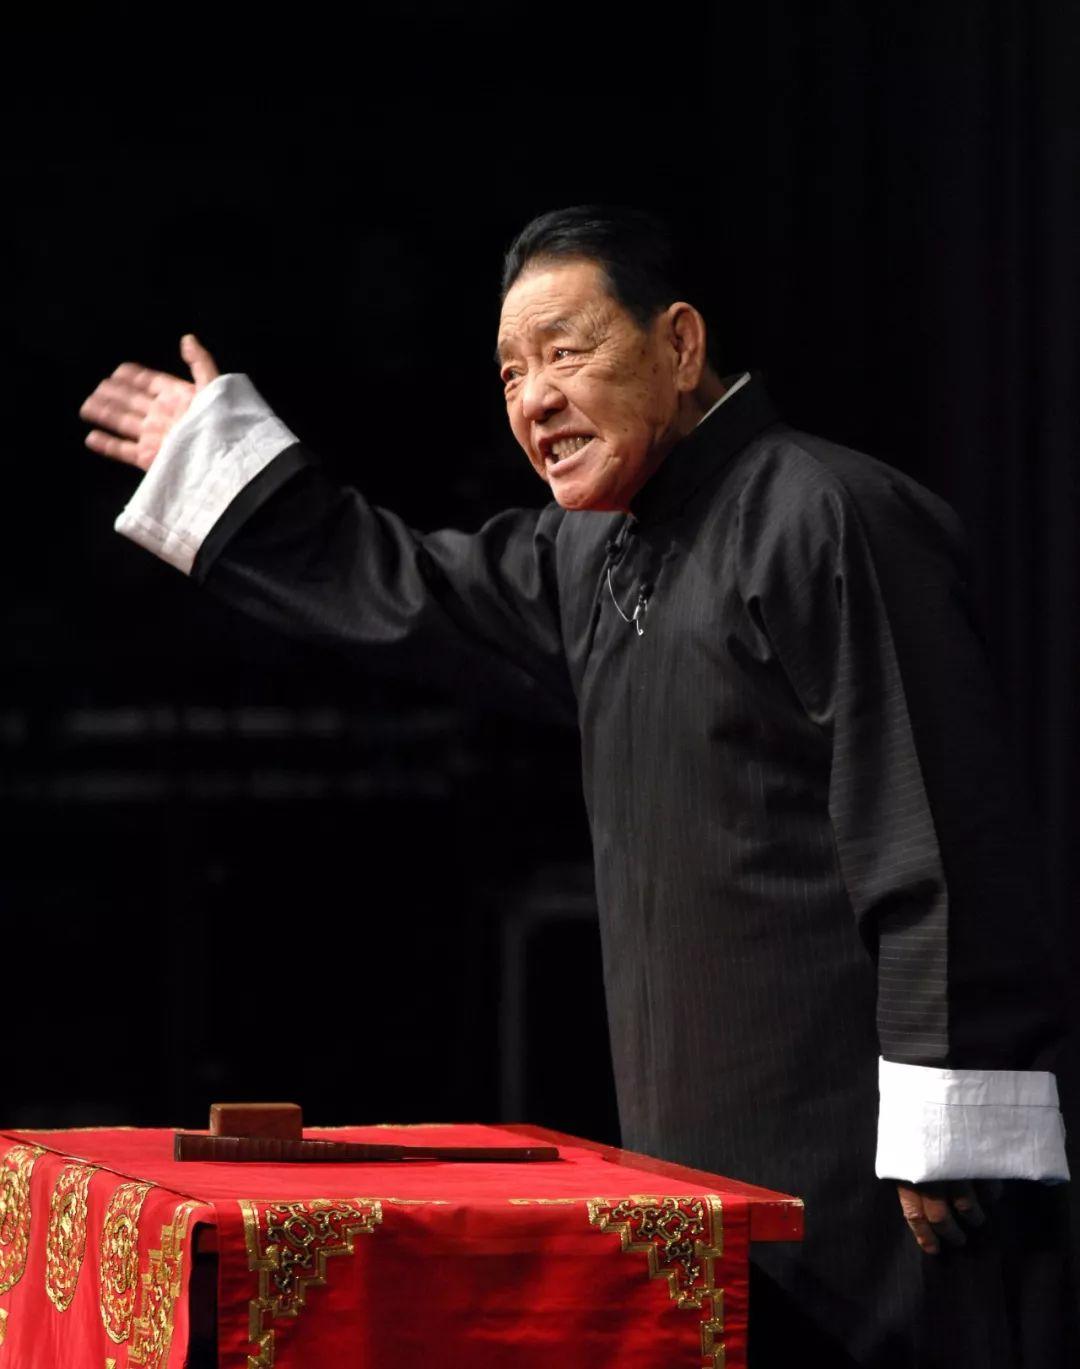 2010年1月9日,著名评书外演艺术家单田芳在贺岁舞台剧《乌盆记》中外演评书《七侠五义》选段。新华社发(赵惠祥 摄)